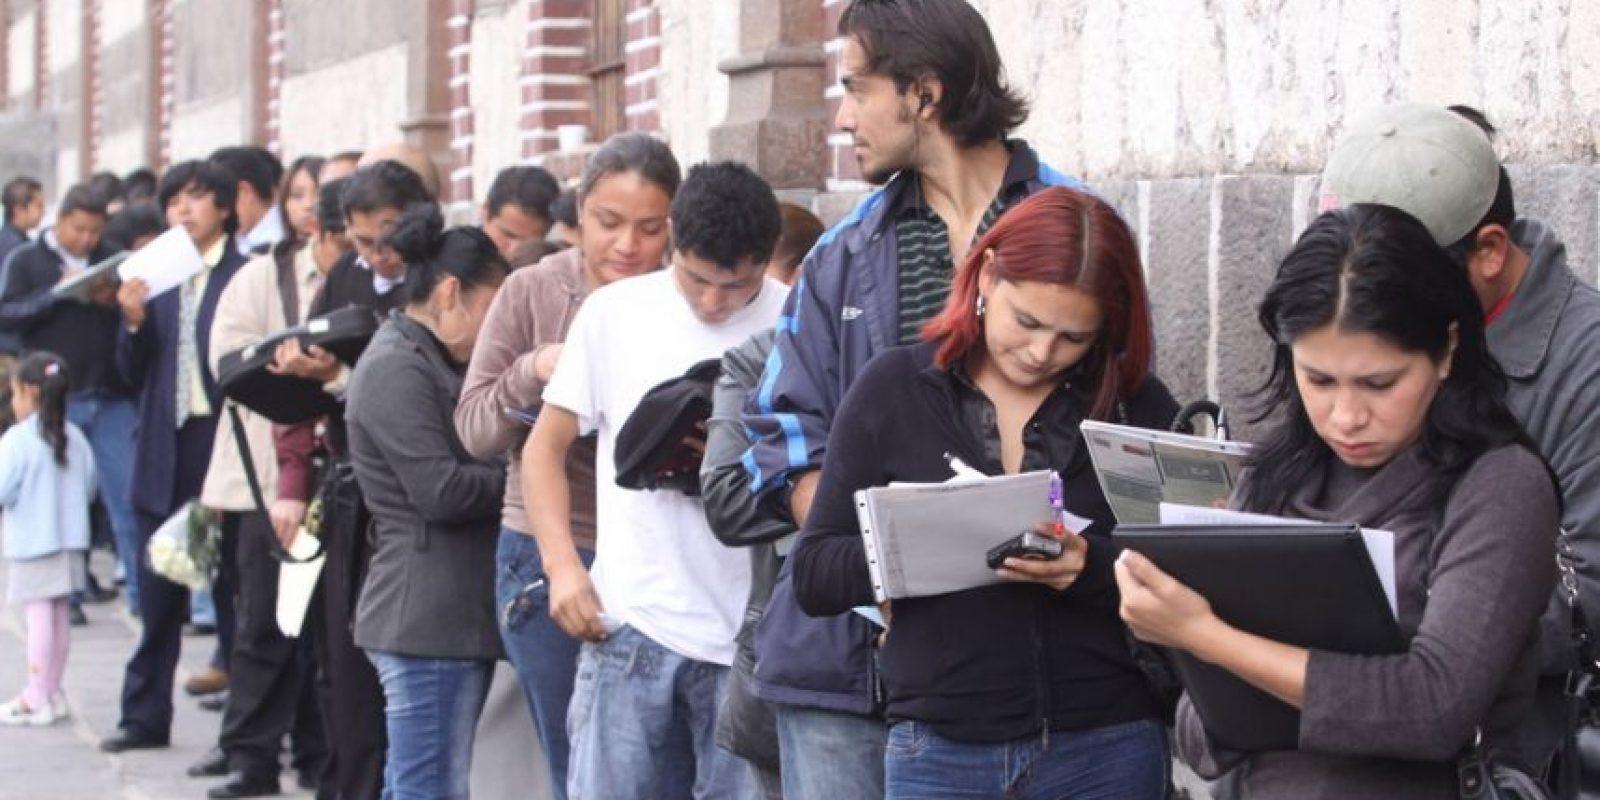 Empleo para jóvenes en Bogotá Foto:Archivo